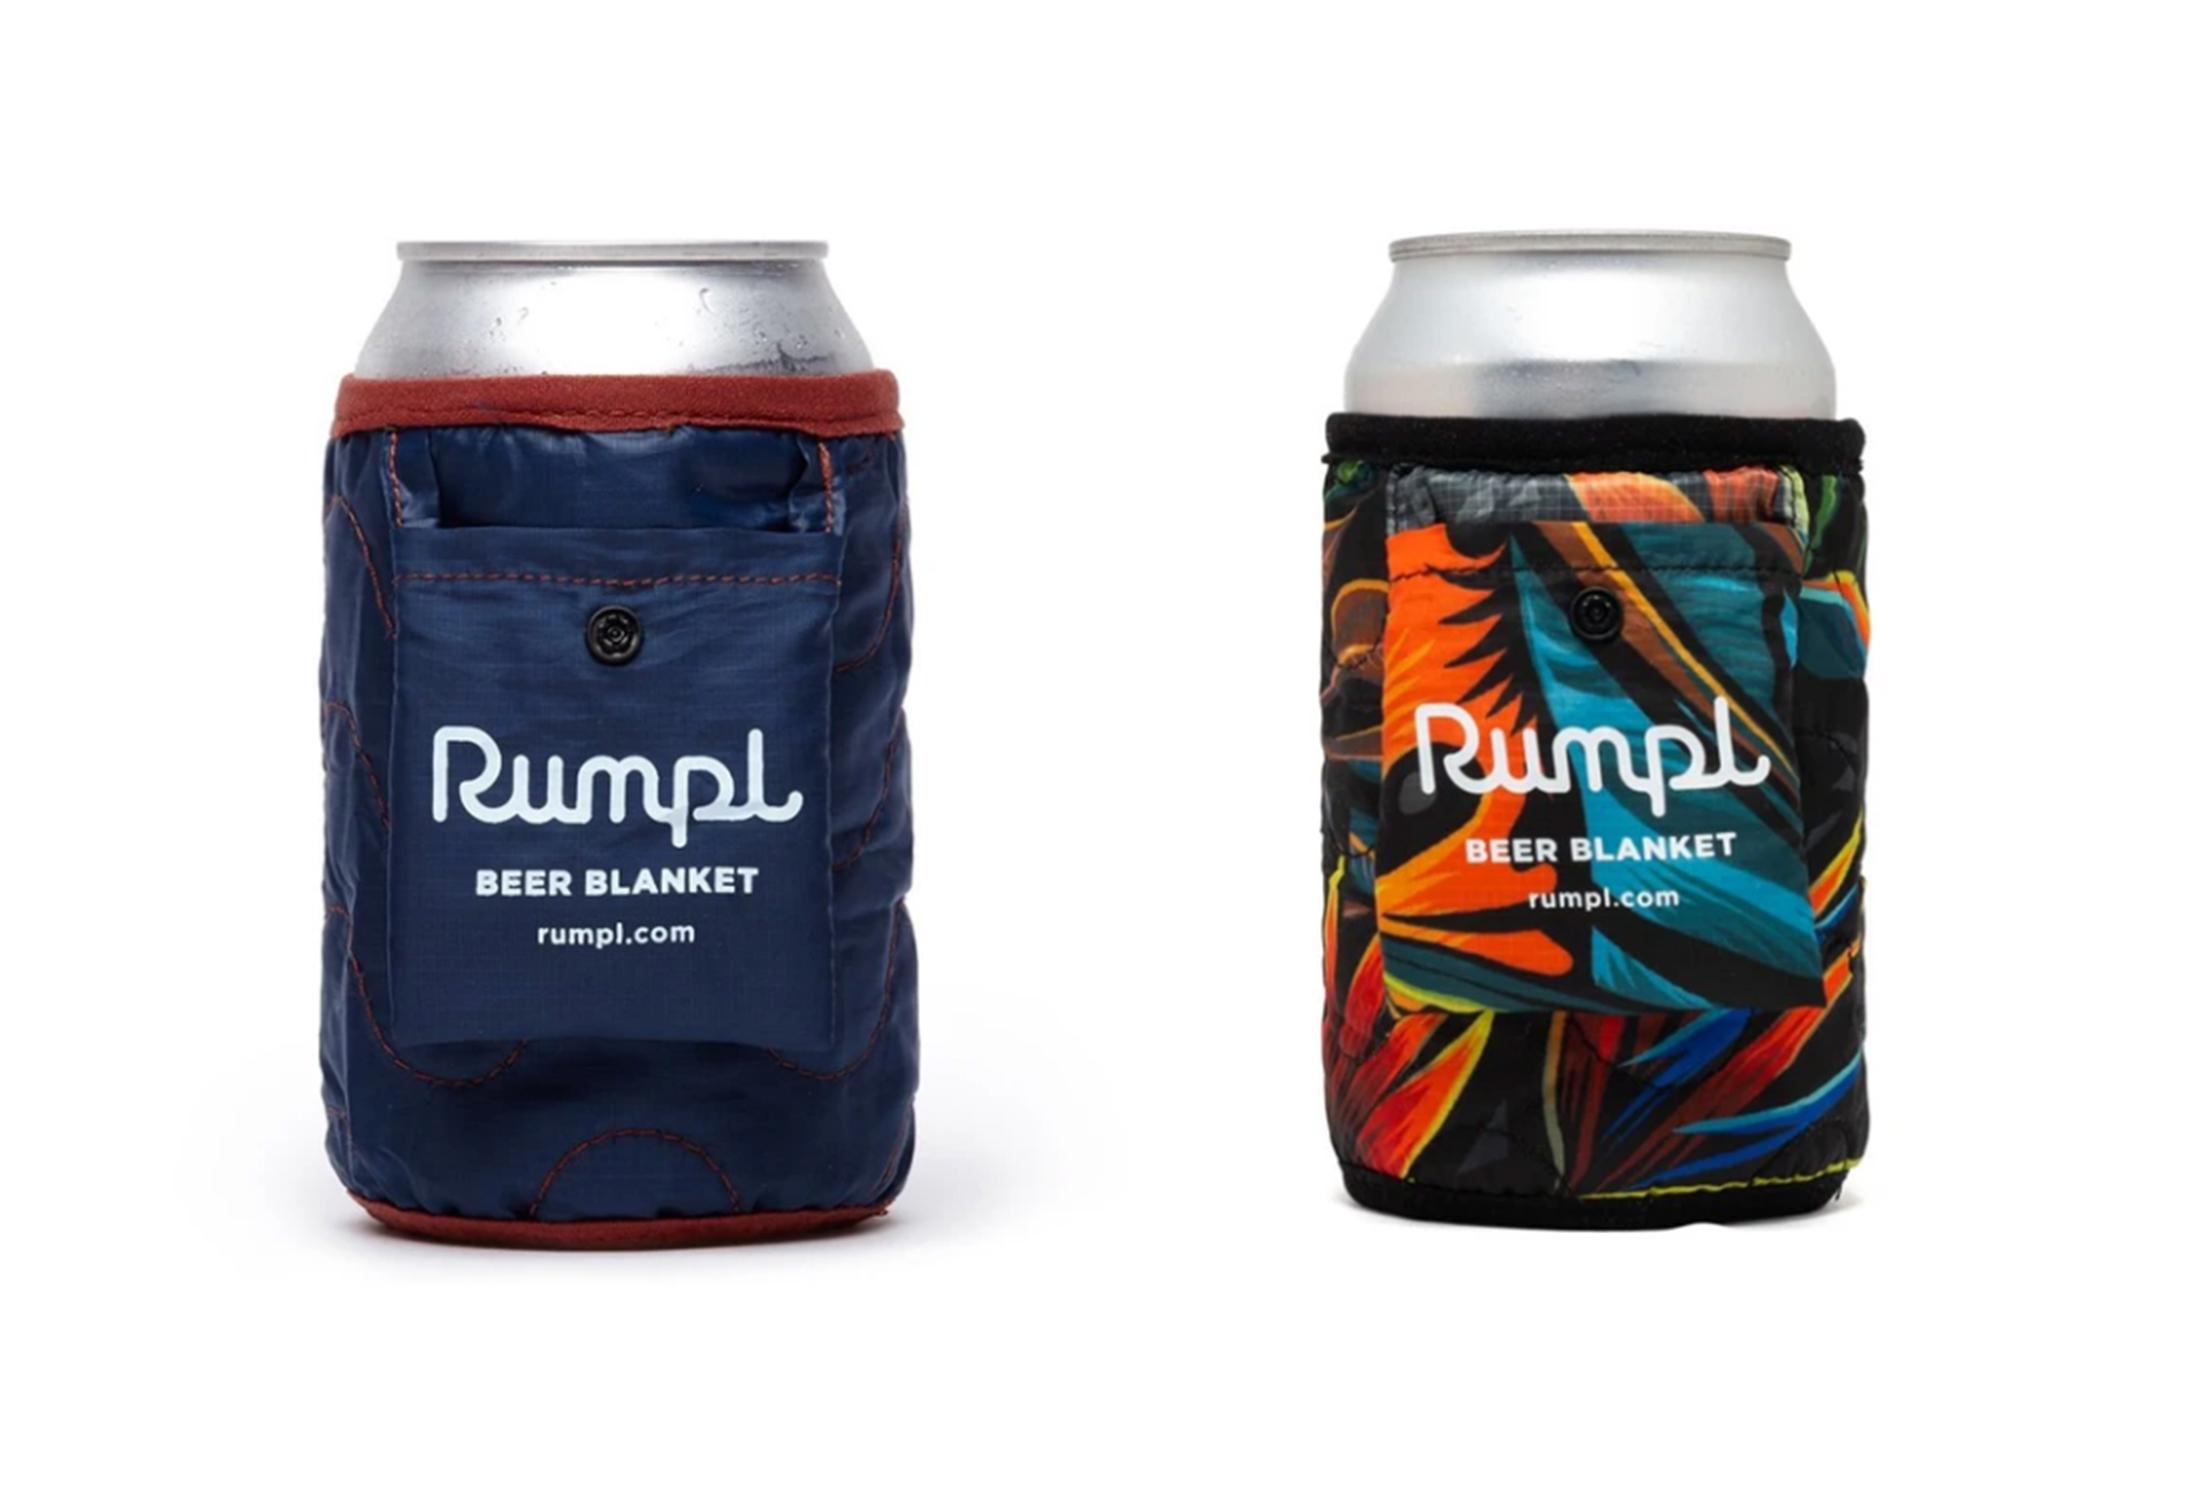 rumpl beer blankets